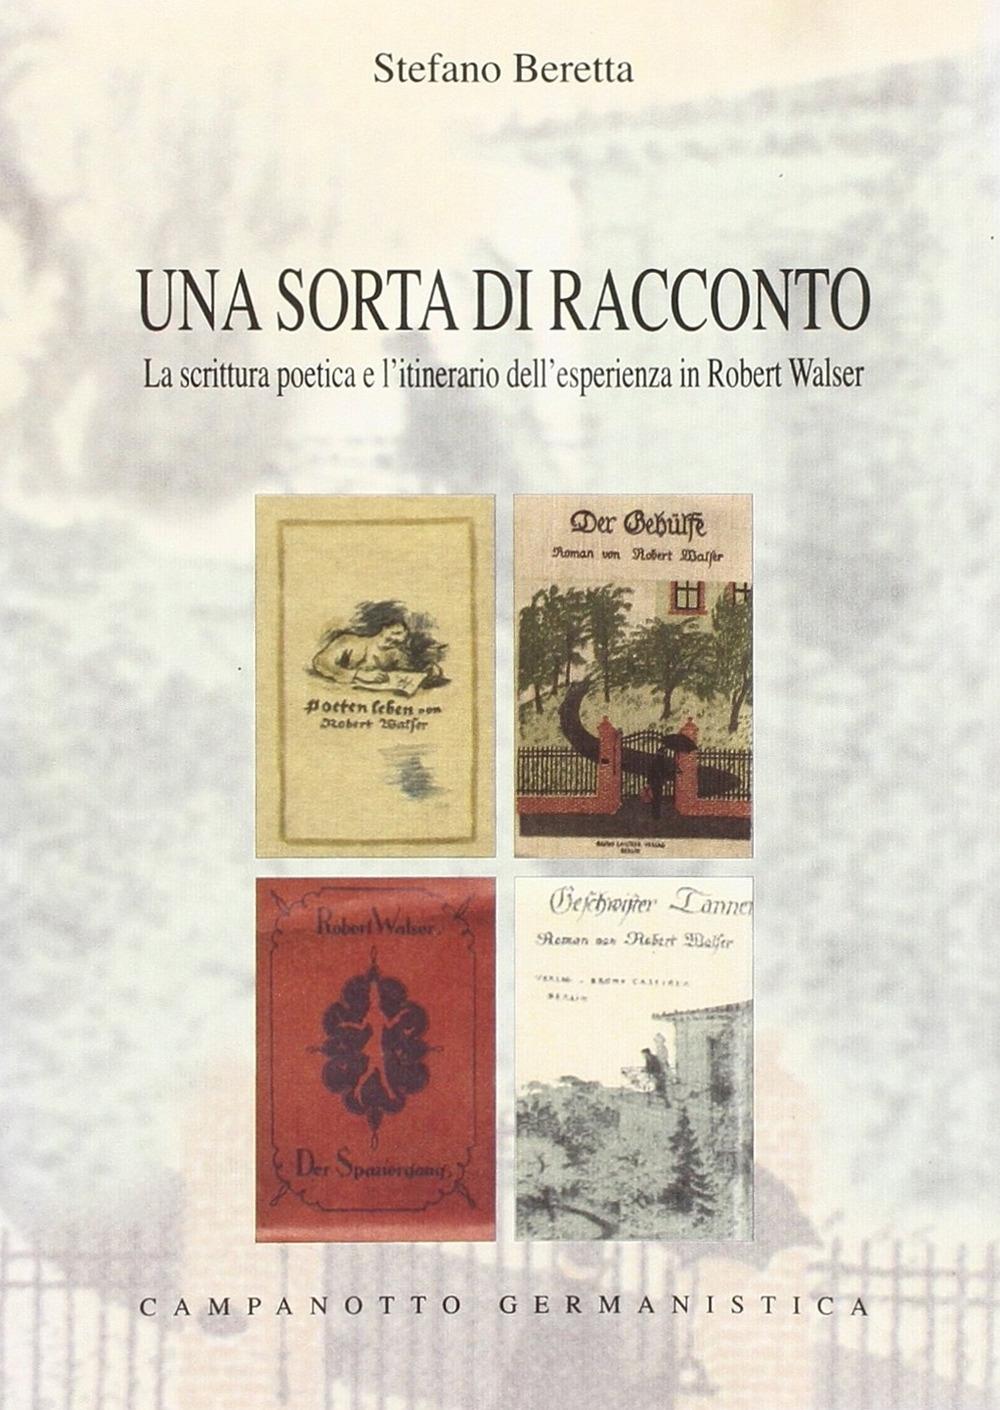 Una sorta di racconto. La scrittura poetica e l'itinerario dell'esperienza in Robert Walser